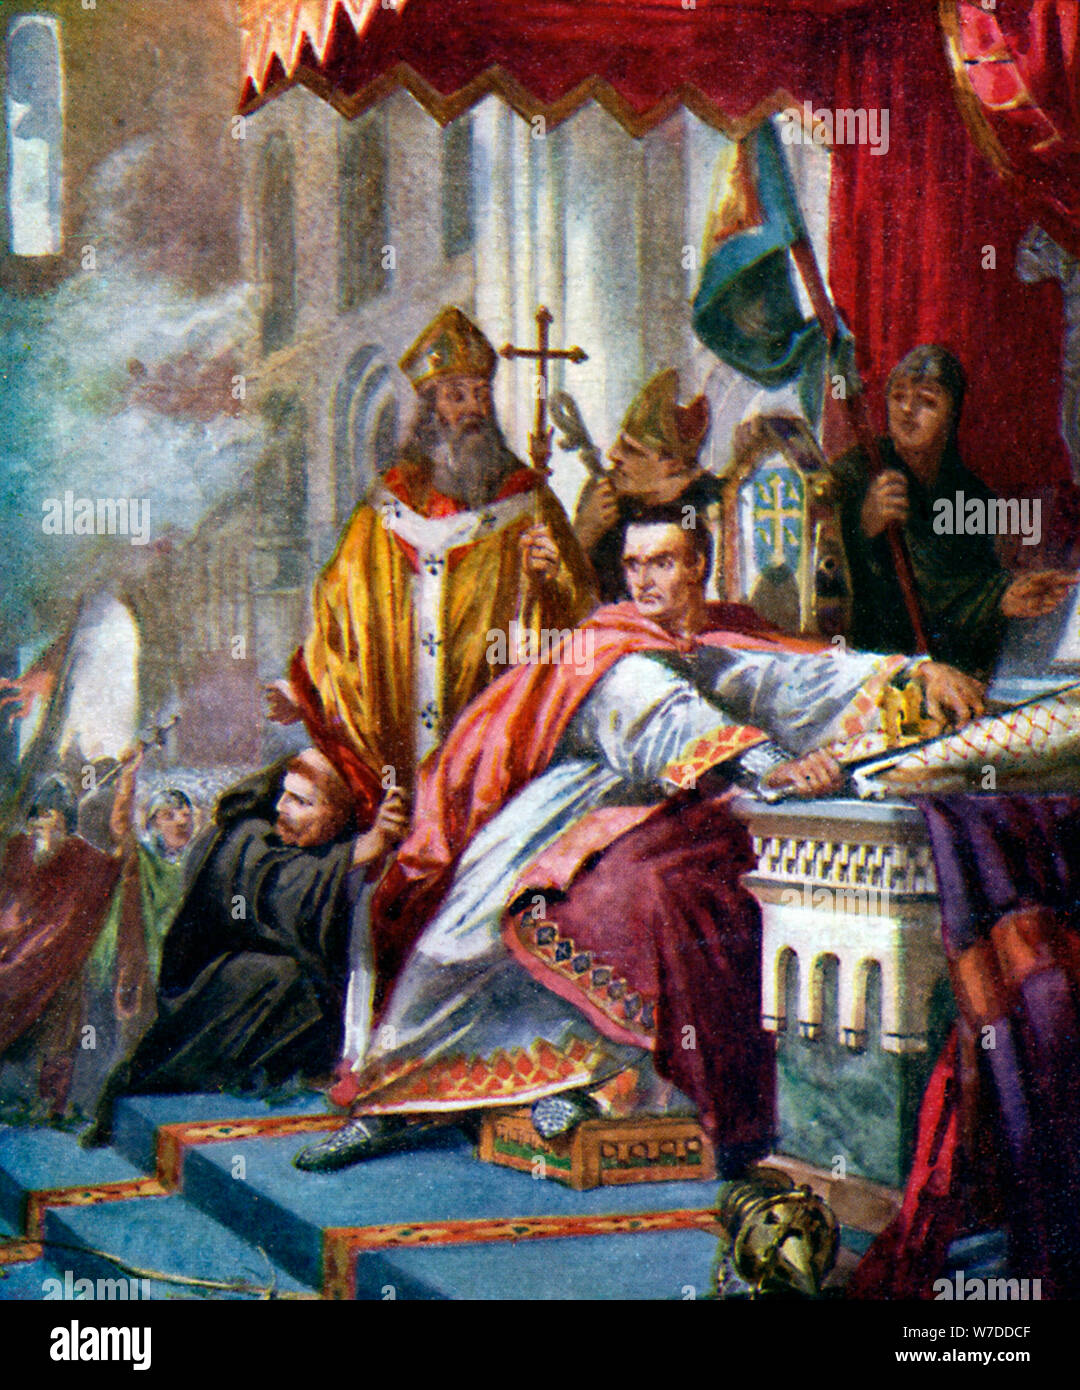 'Coronation of William the Conqueror', 1925. Artist: Unknown Stock Photo